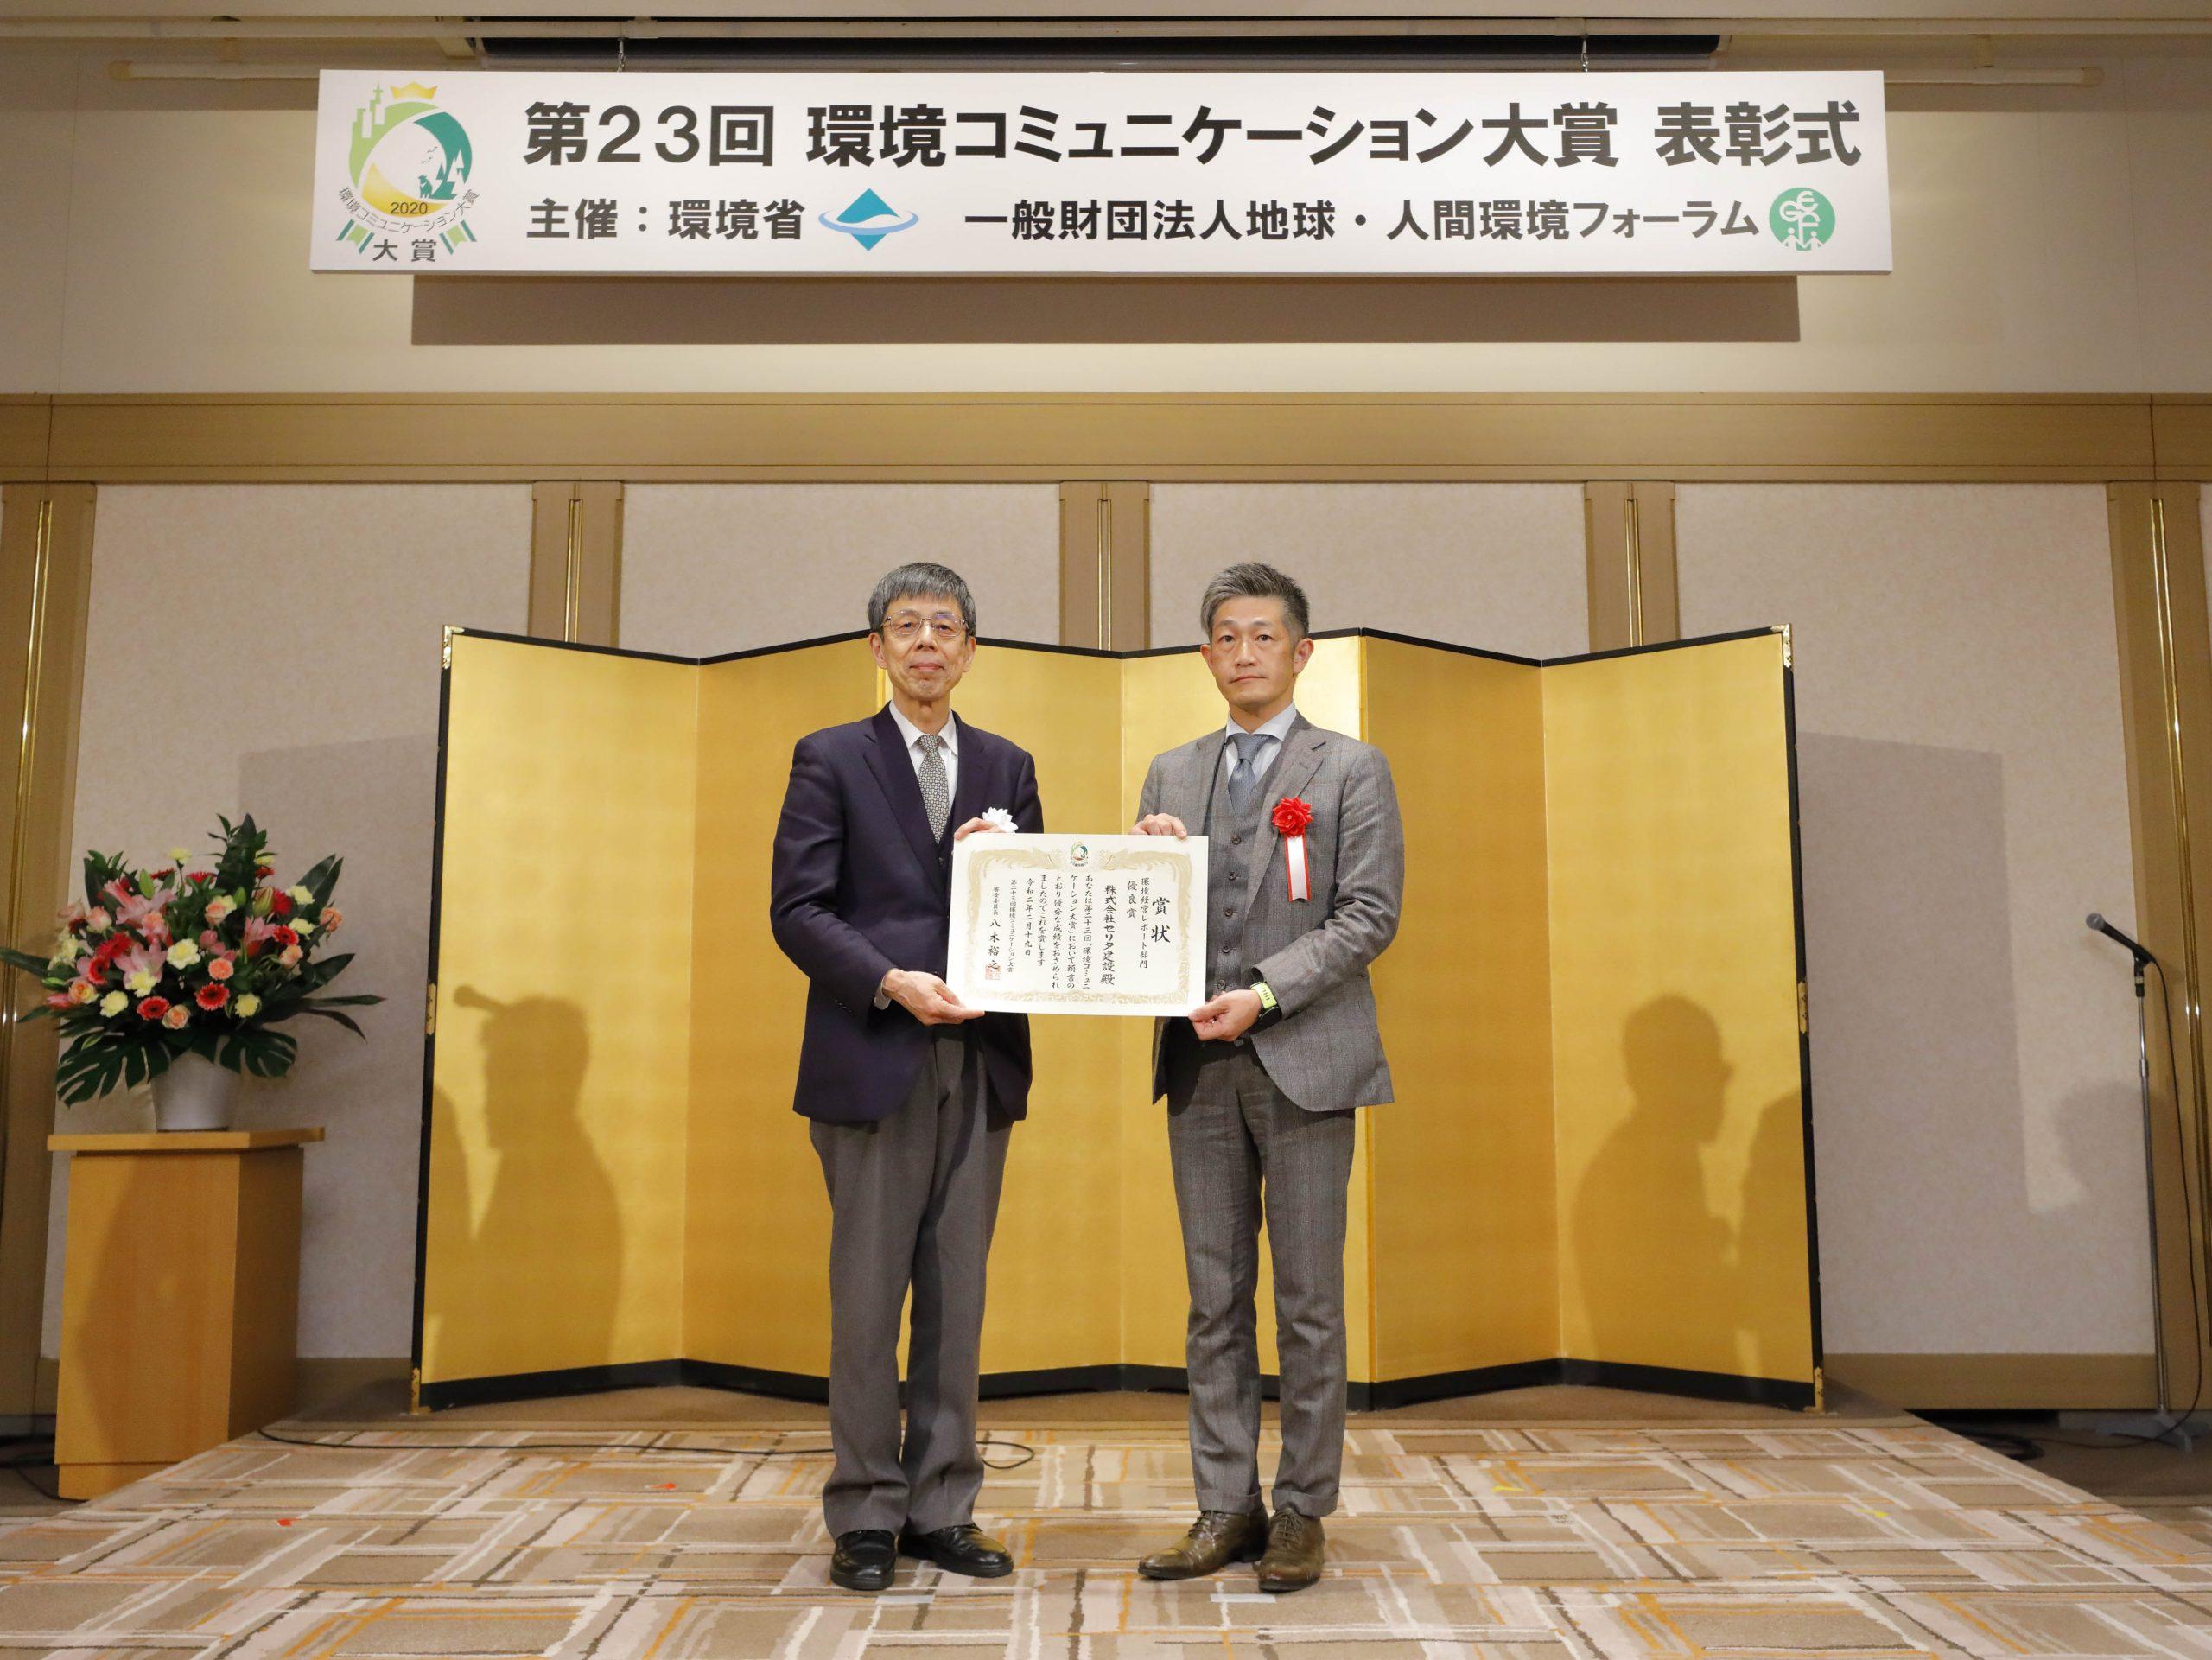 第23回環境コミュニケーション大賞『優良賞』入賞